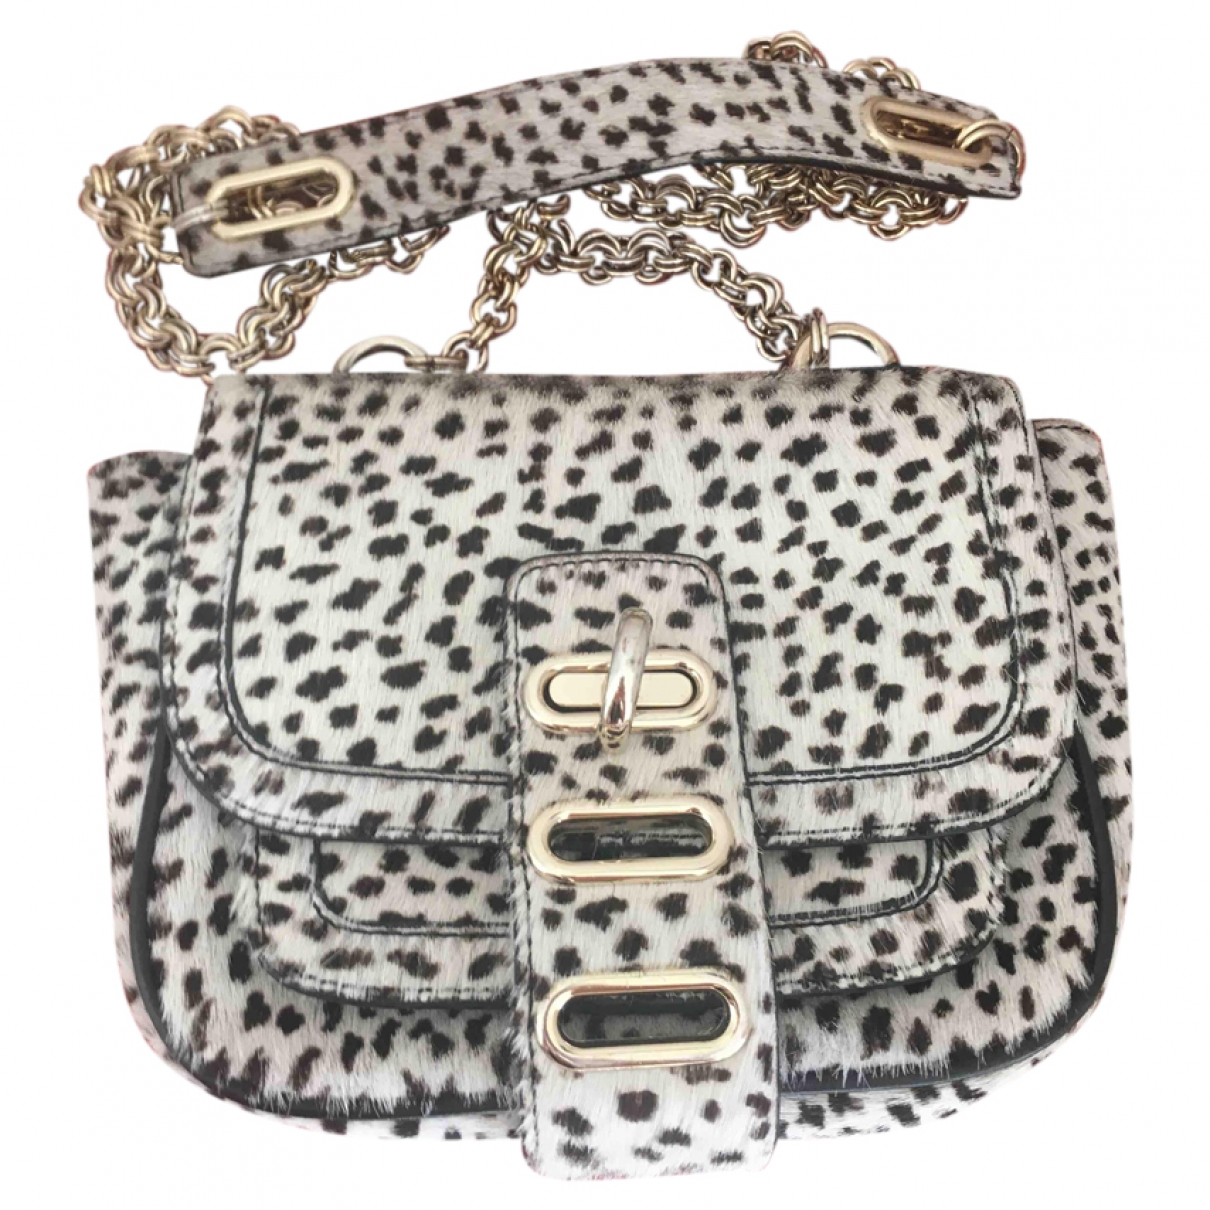 Tila March \N White Pony-style calfskin handbag for Women \N